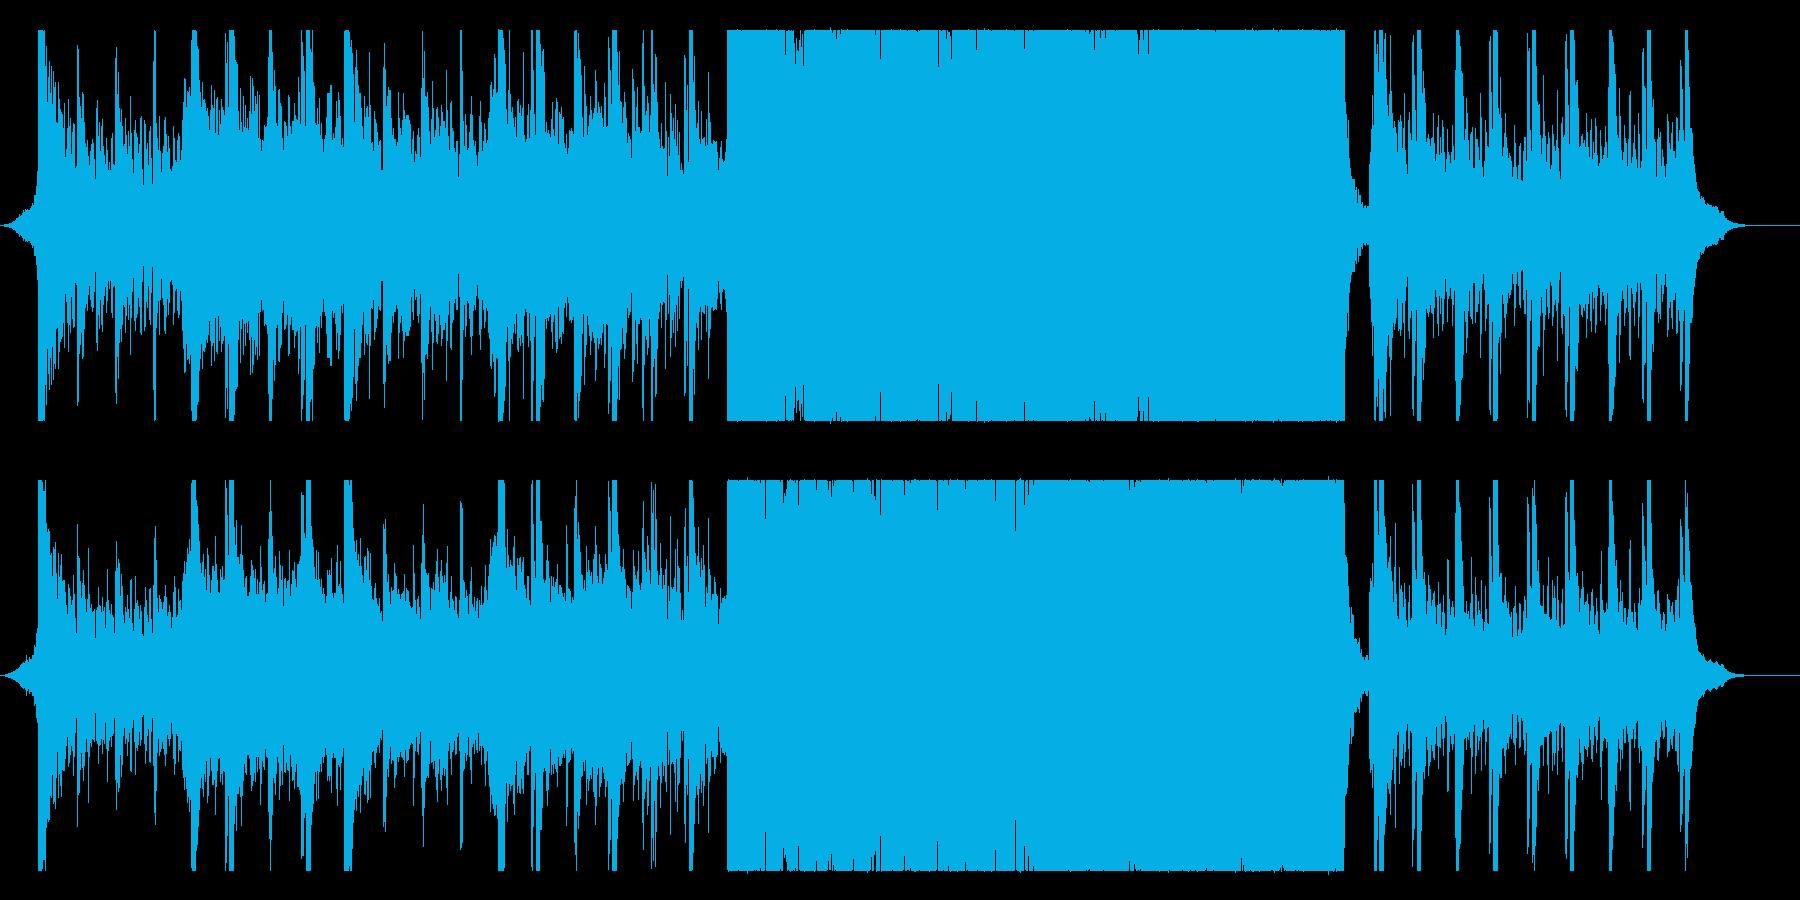 ハリウッド映画風の壮大なオーケストラ10の再生済みの波形